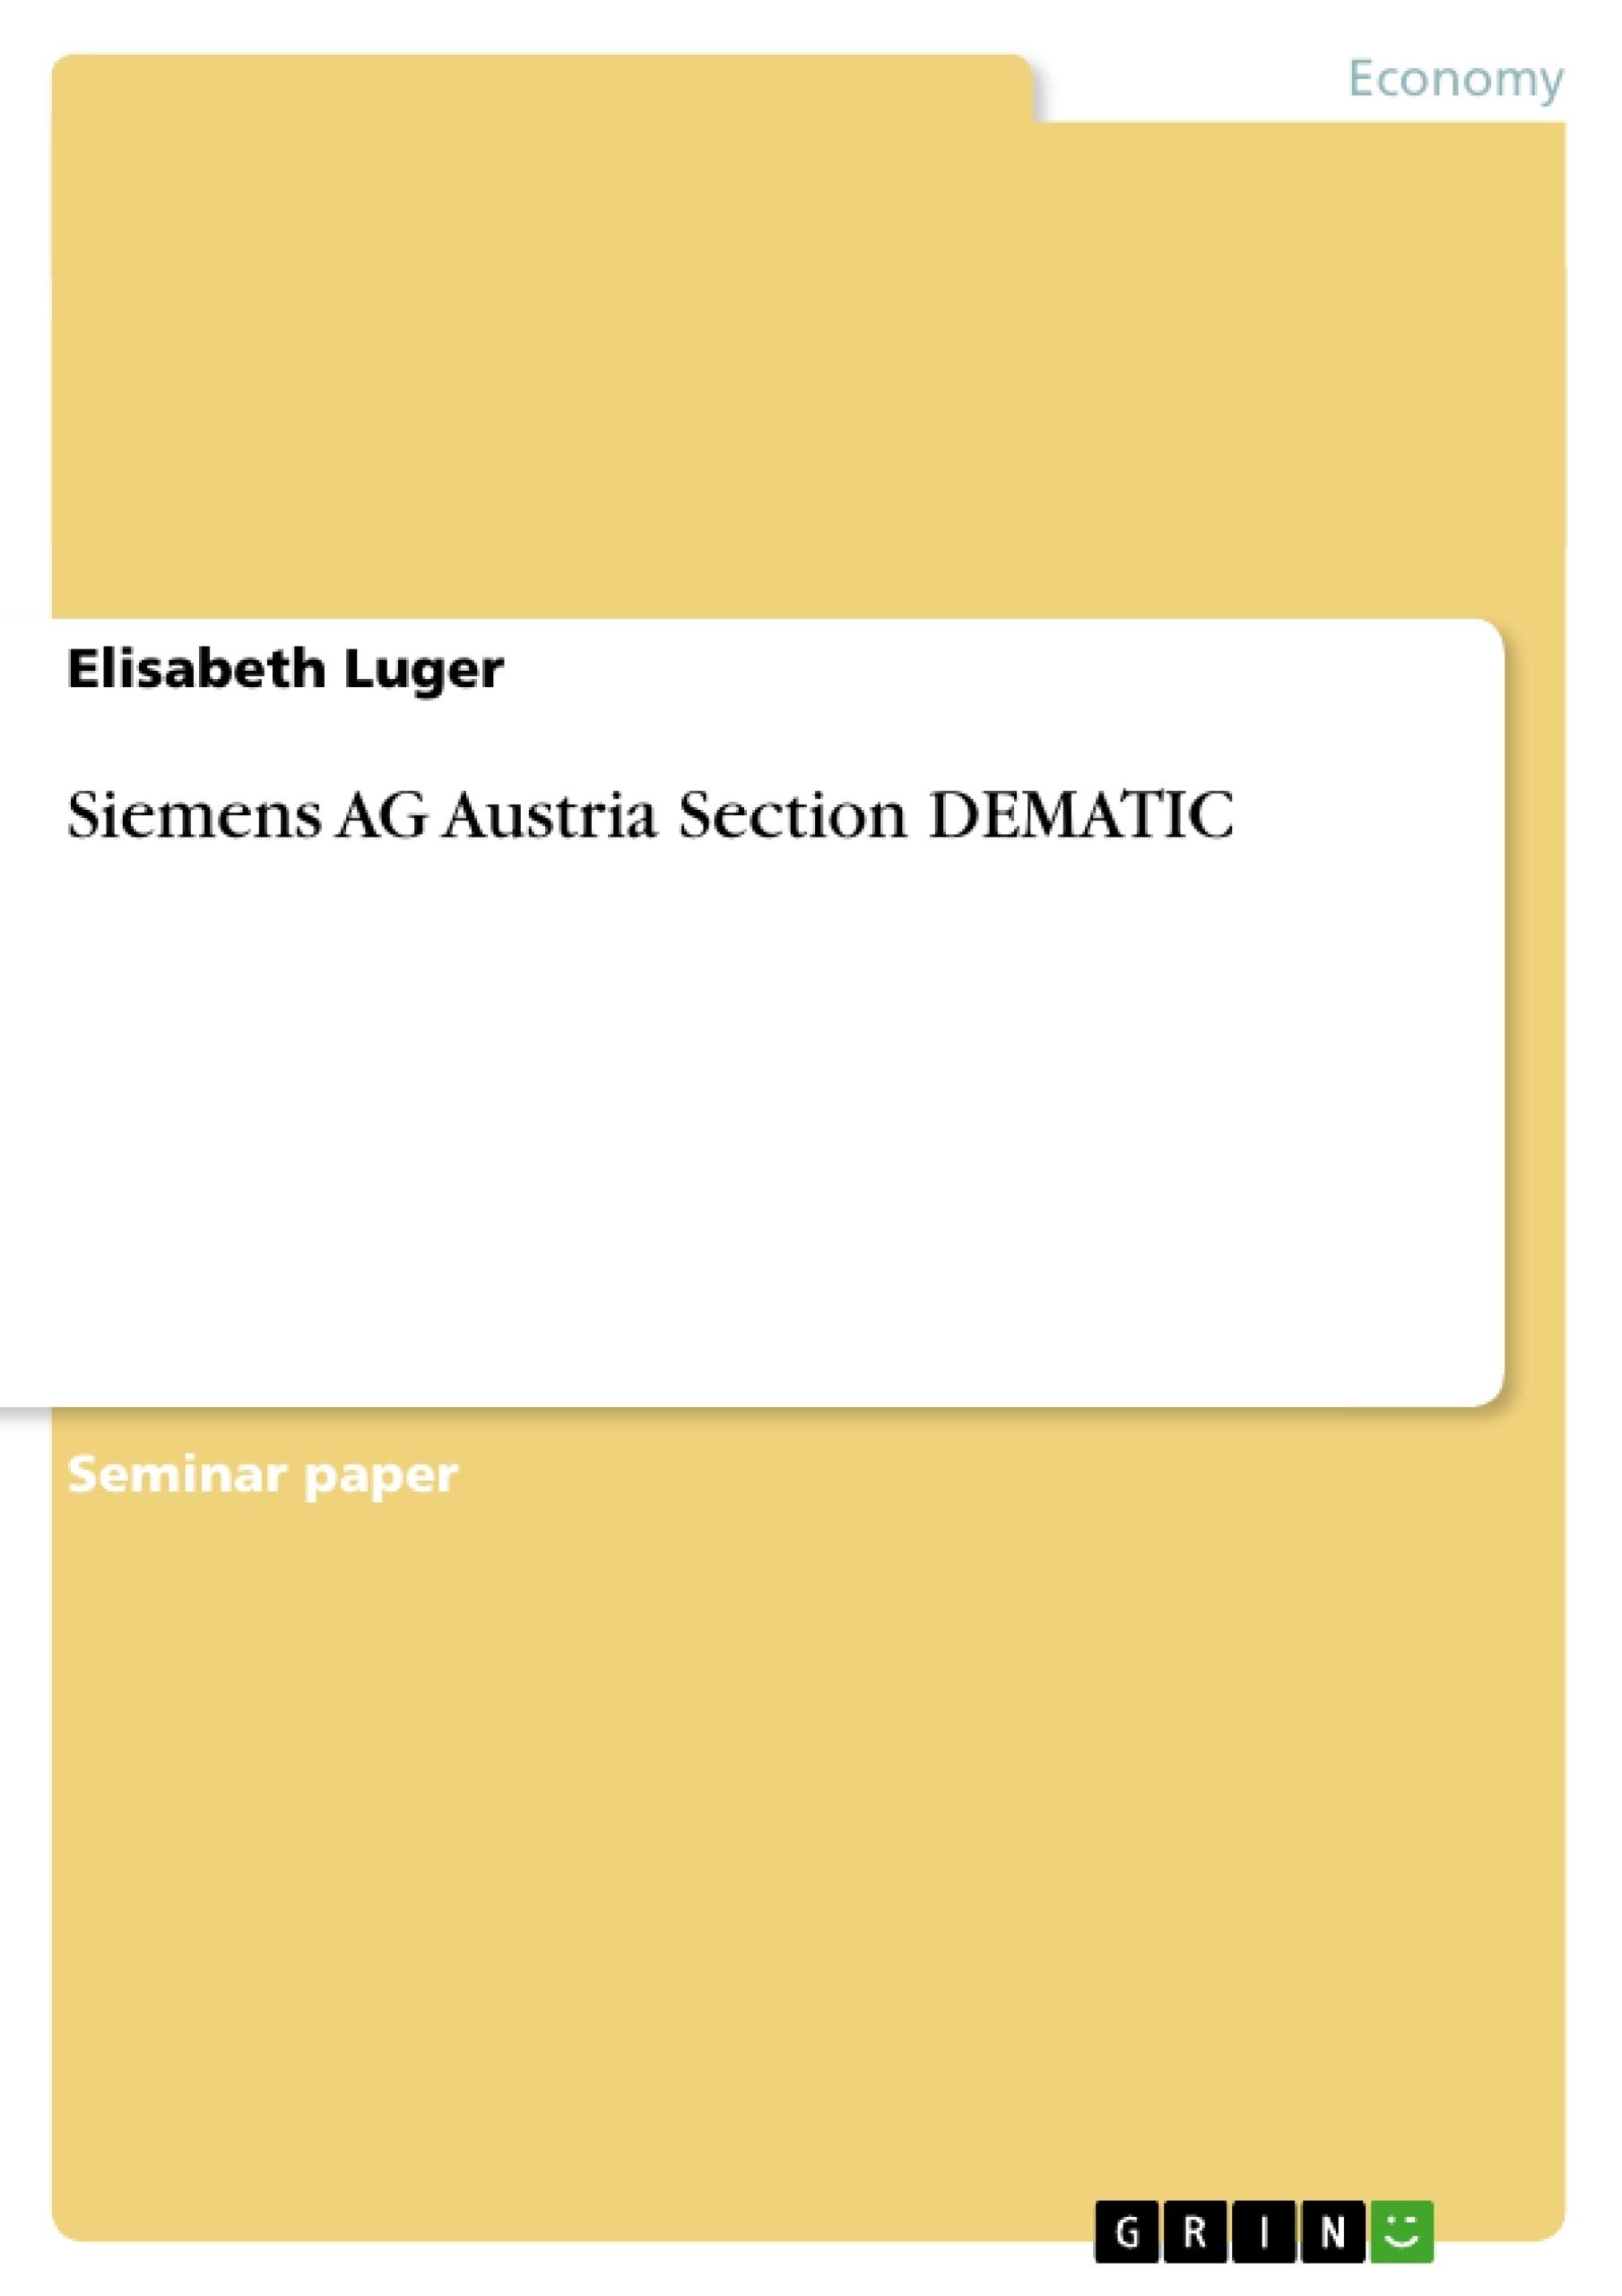 Title: Siemens AG Austria Section DEMATIC